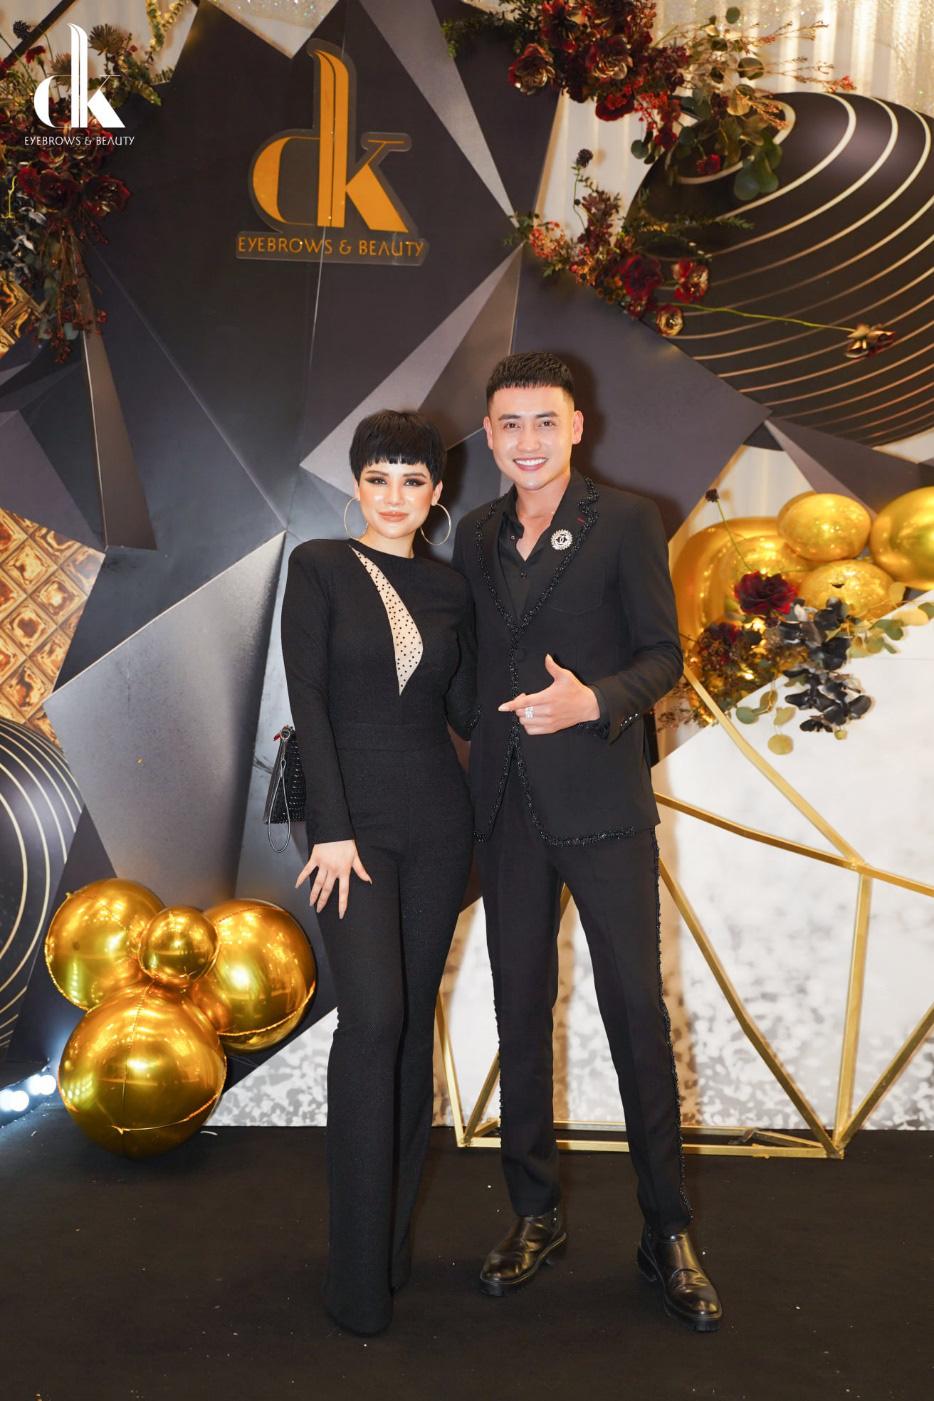 DJ Ngoan Minh Vương - Từ cô gái đam mê âm nhạc đến bà chủ beauty salon tâm huyết với nghề làm đẹp - Ảnh 1.